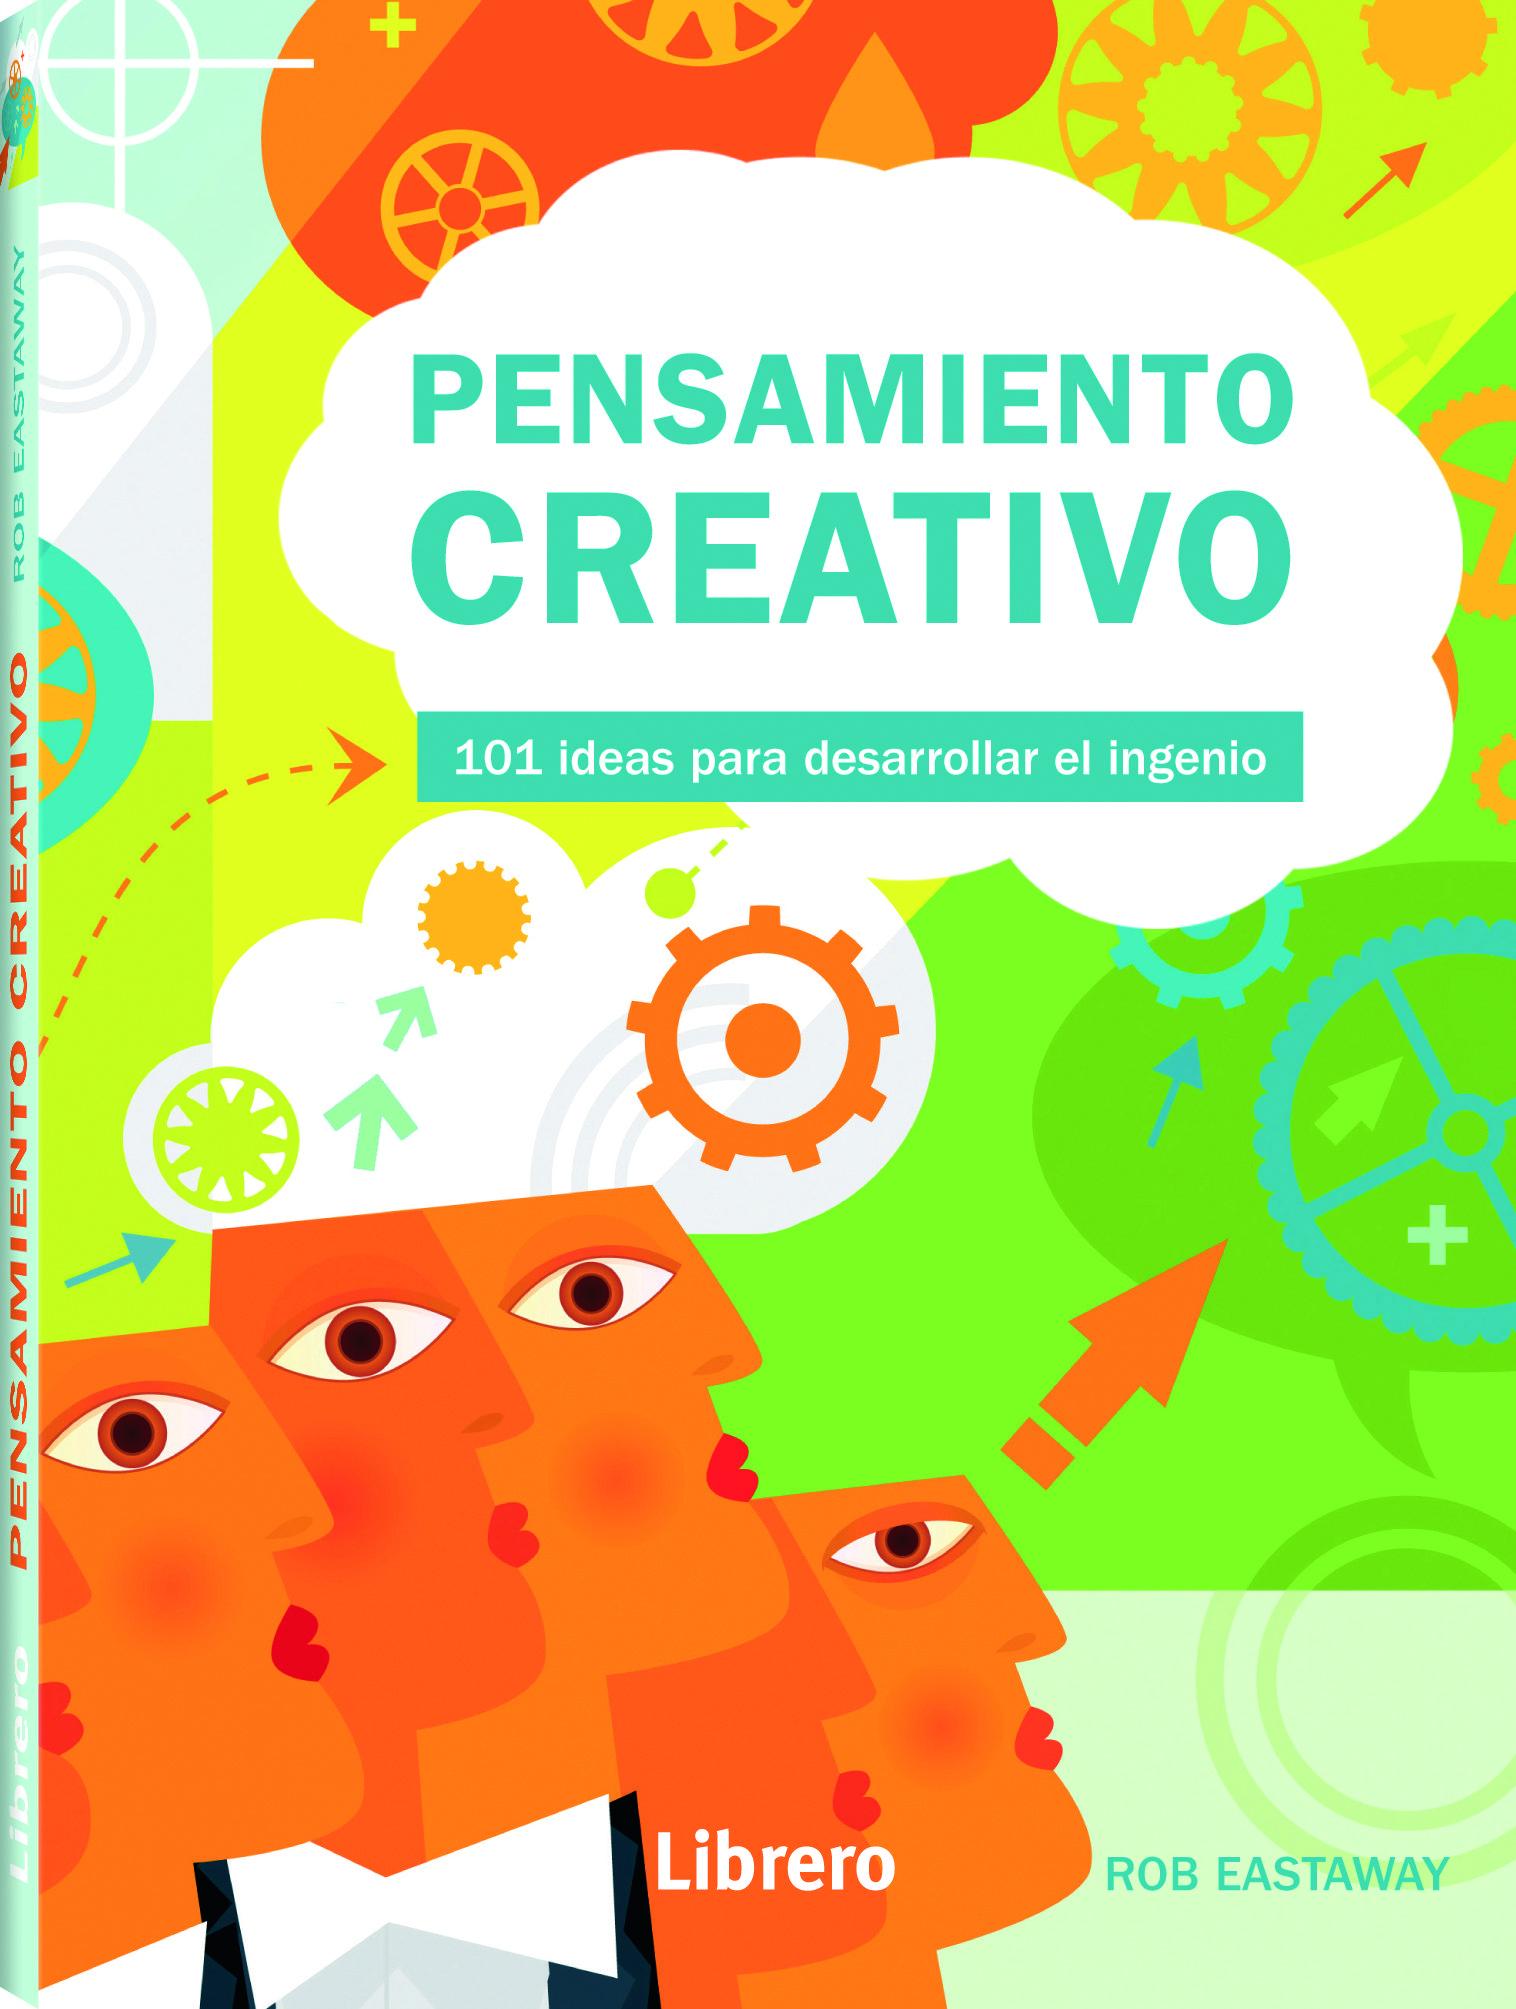 Pensamiento Creativo: 101 Ideas Para Desarrollar El Ingenio por Rob Eastaway